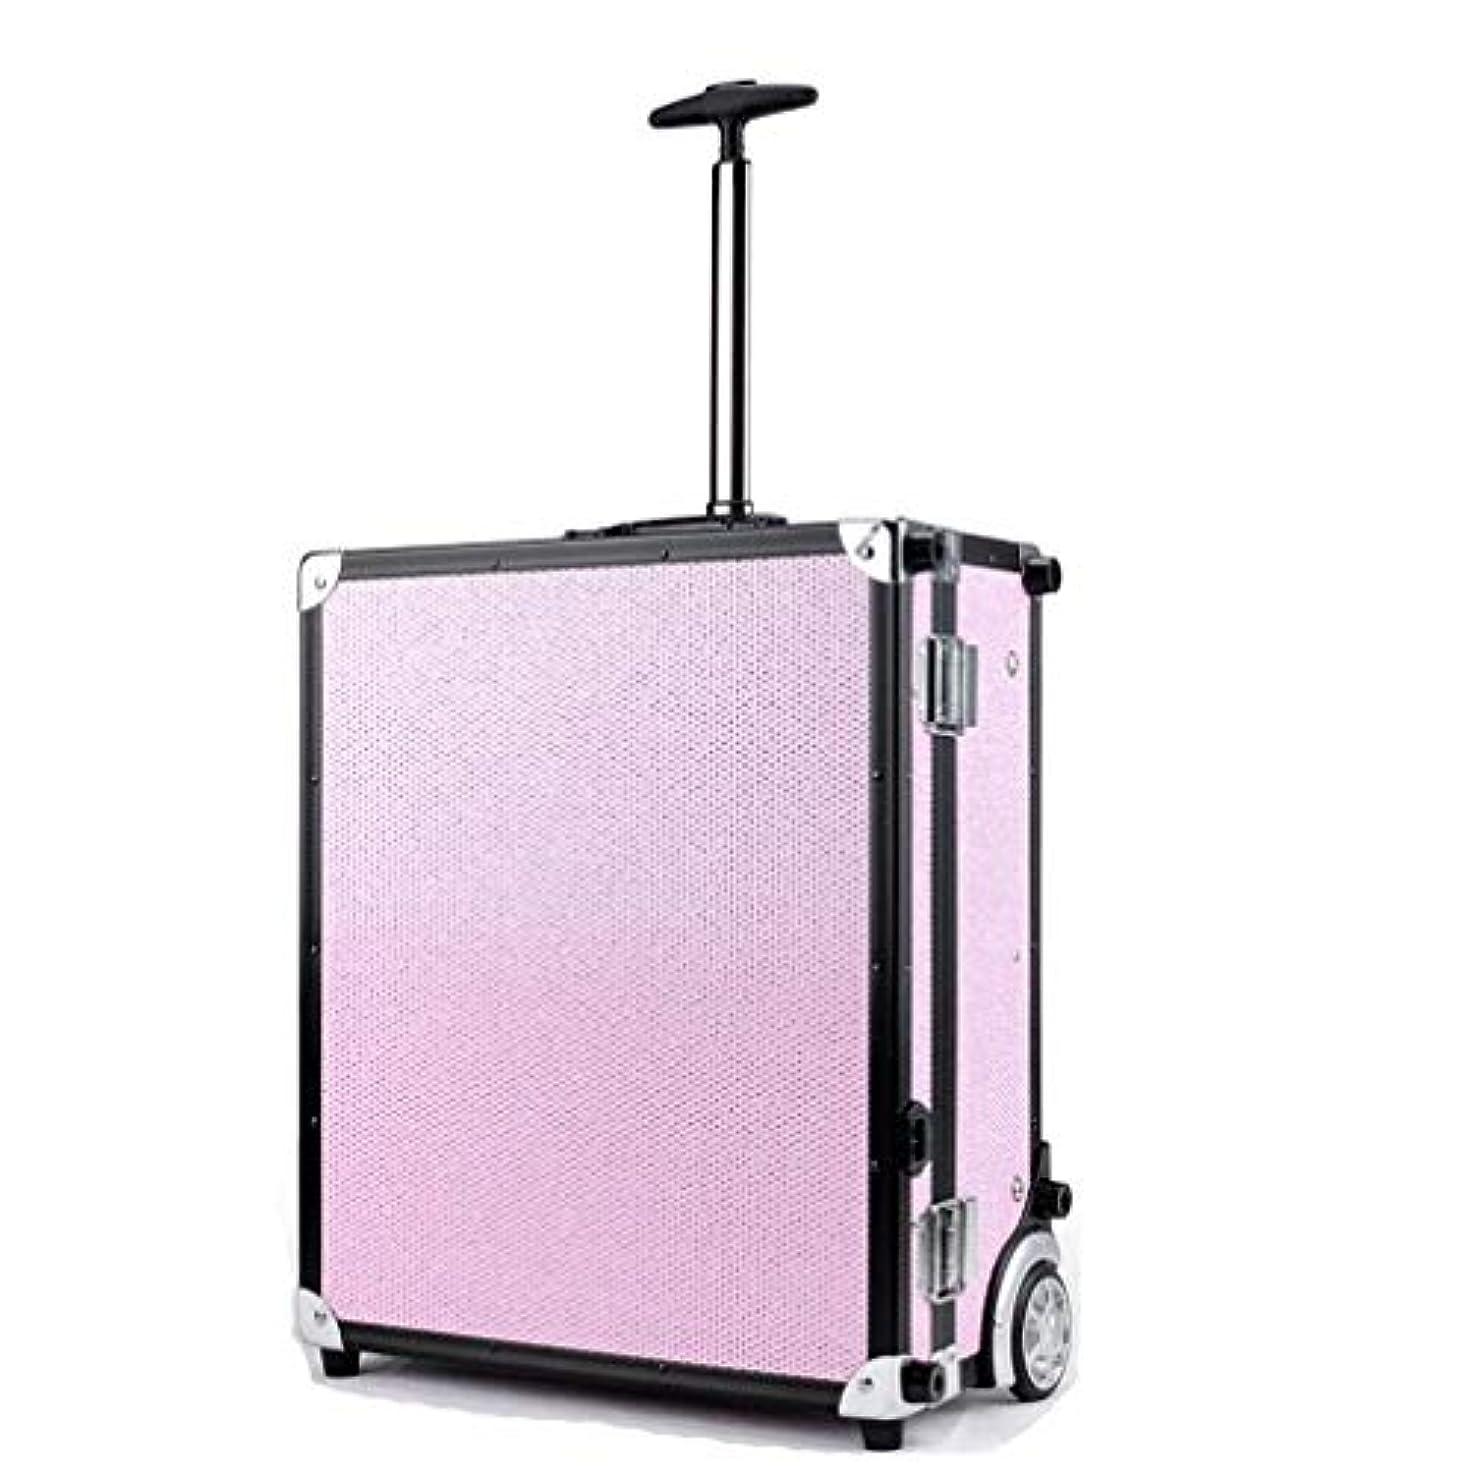 交じる分類する記録BUMC 化粧トロリーケース、大きい化粧化粧列車、LEDライト付き、ダイヤモンドオーガナイザーボックス収納付きプロフェッショナル多層化粧品ケース